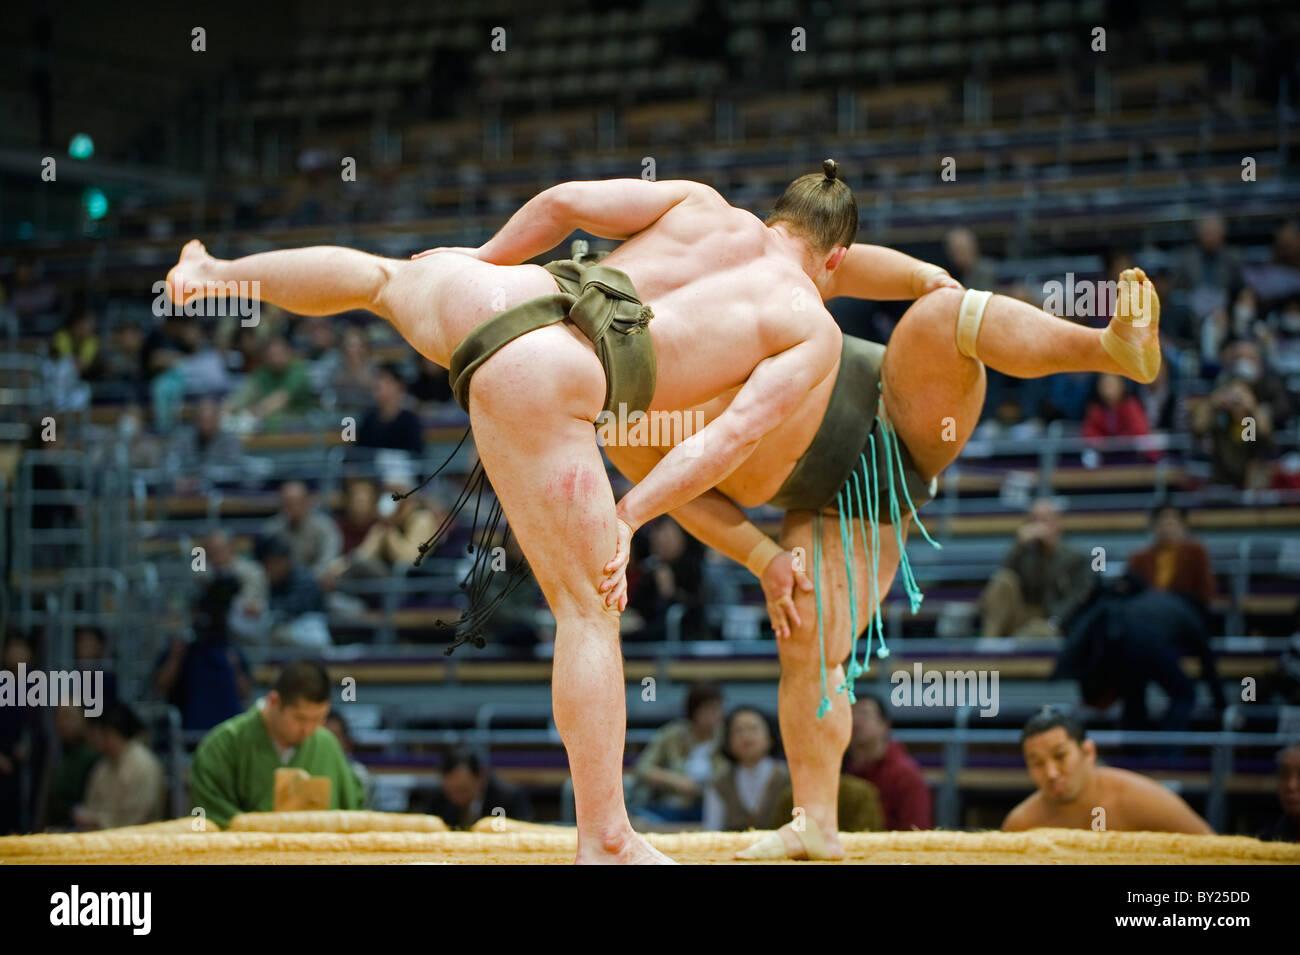 Asia, Japan, Kyushu, Fukuoka city, Fukuoka Sumo competition, Shiko bout rituals, Kyushu Basho - Stock Image